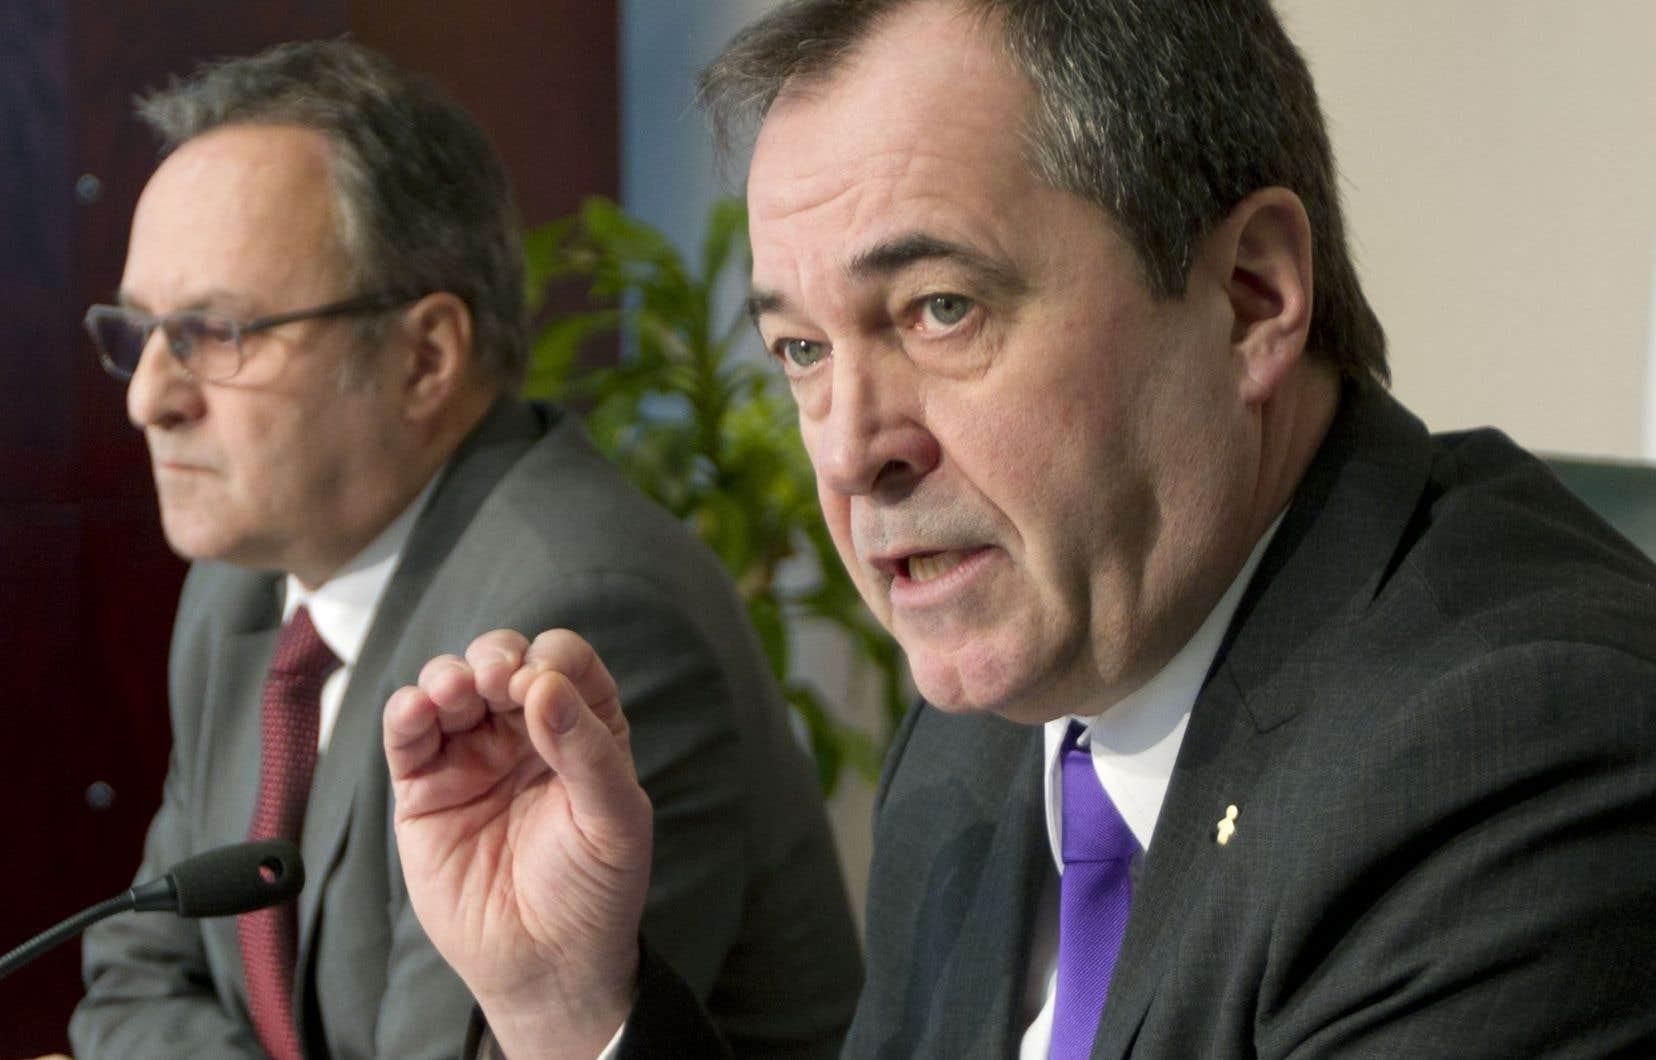 À gauche, le président de la FTQ, Daniel Boyer, à droite, Serge Cadieux, le secrétaire général de la fédération